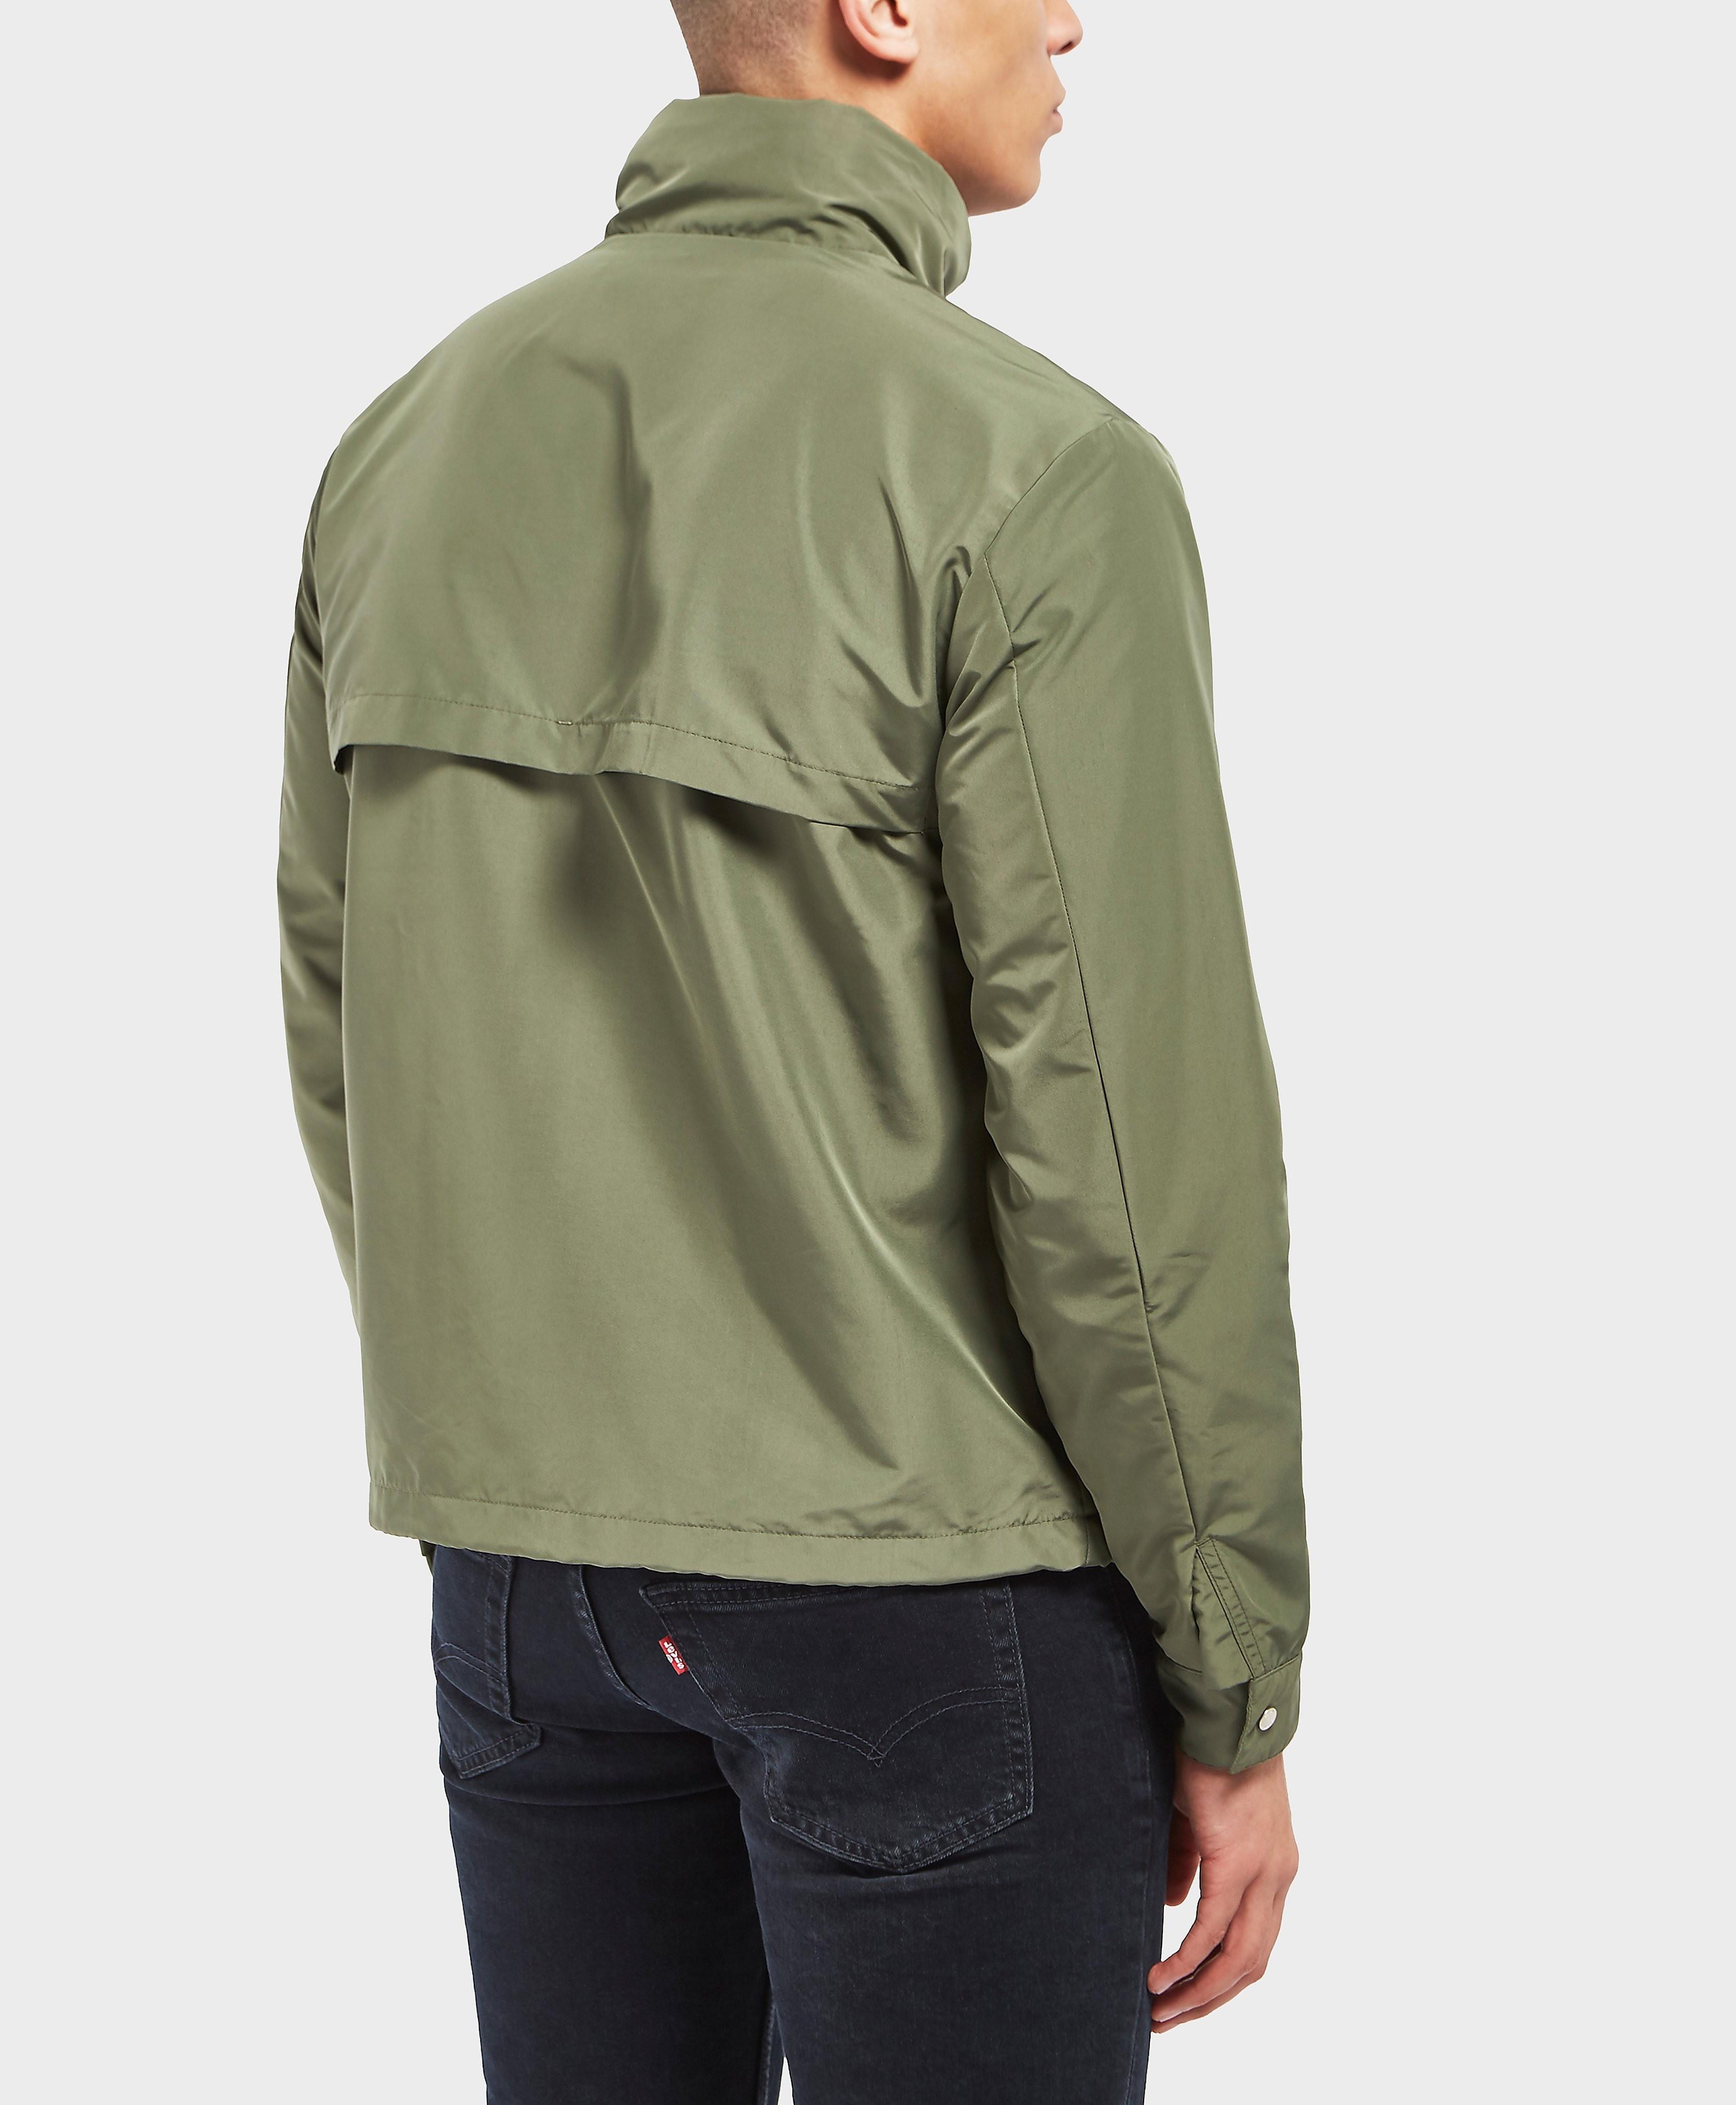 Lacoste Blouson Lightweight Jacket